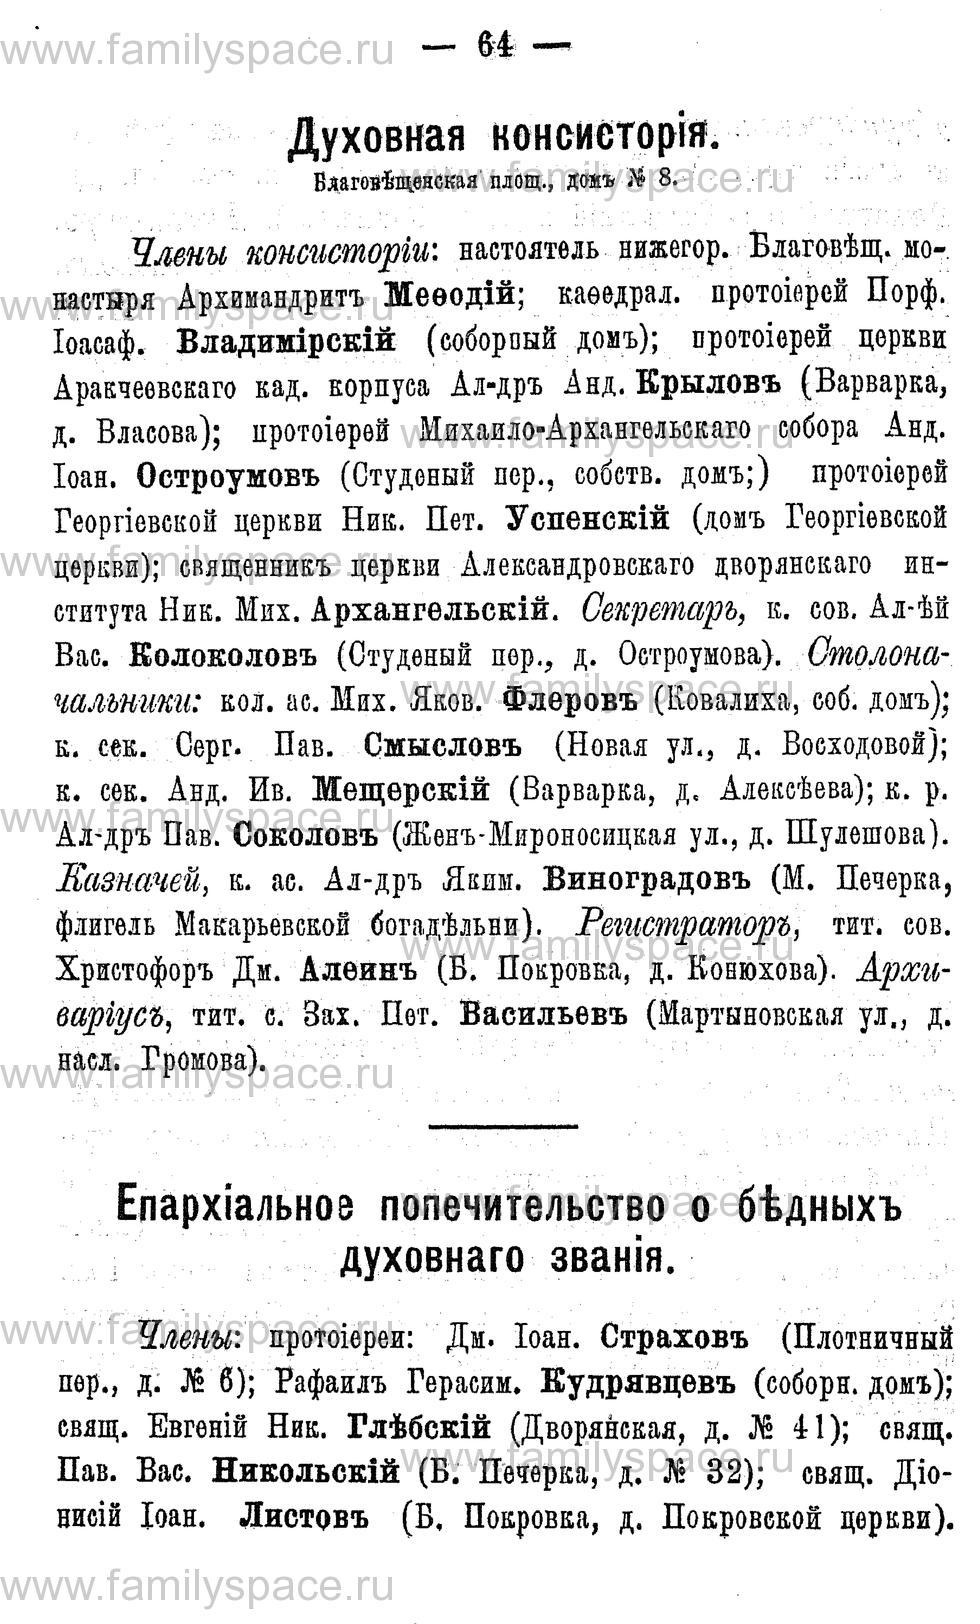 Поиск по фамилии - Адрес-календарь Нижегородской губернии на 1891 год, страница 64